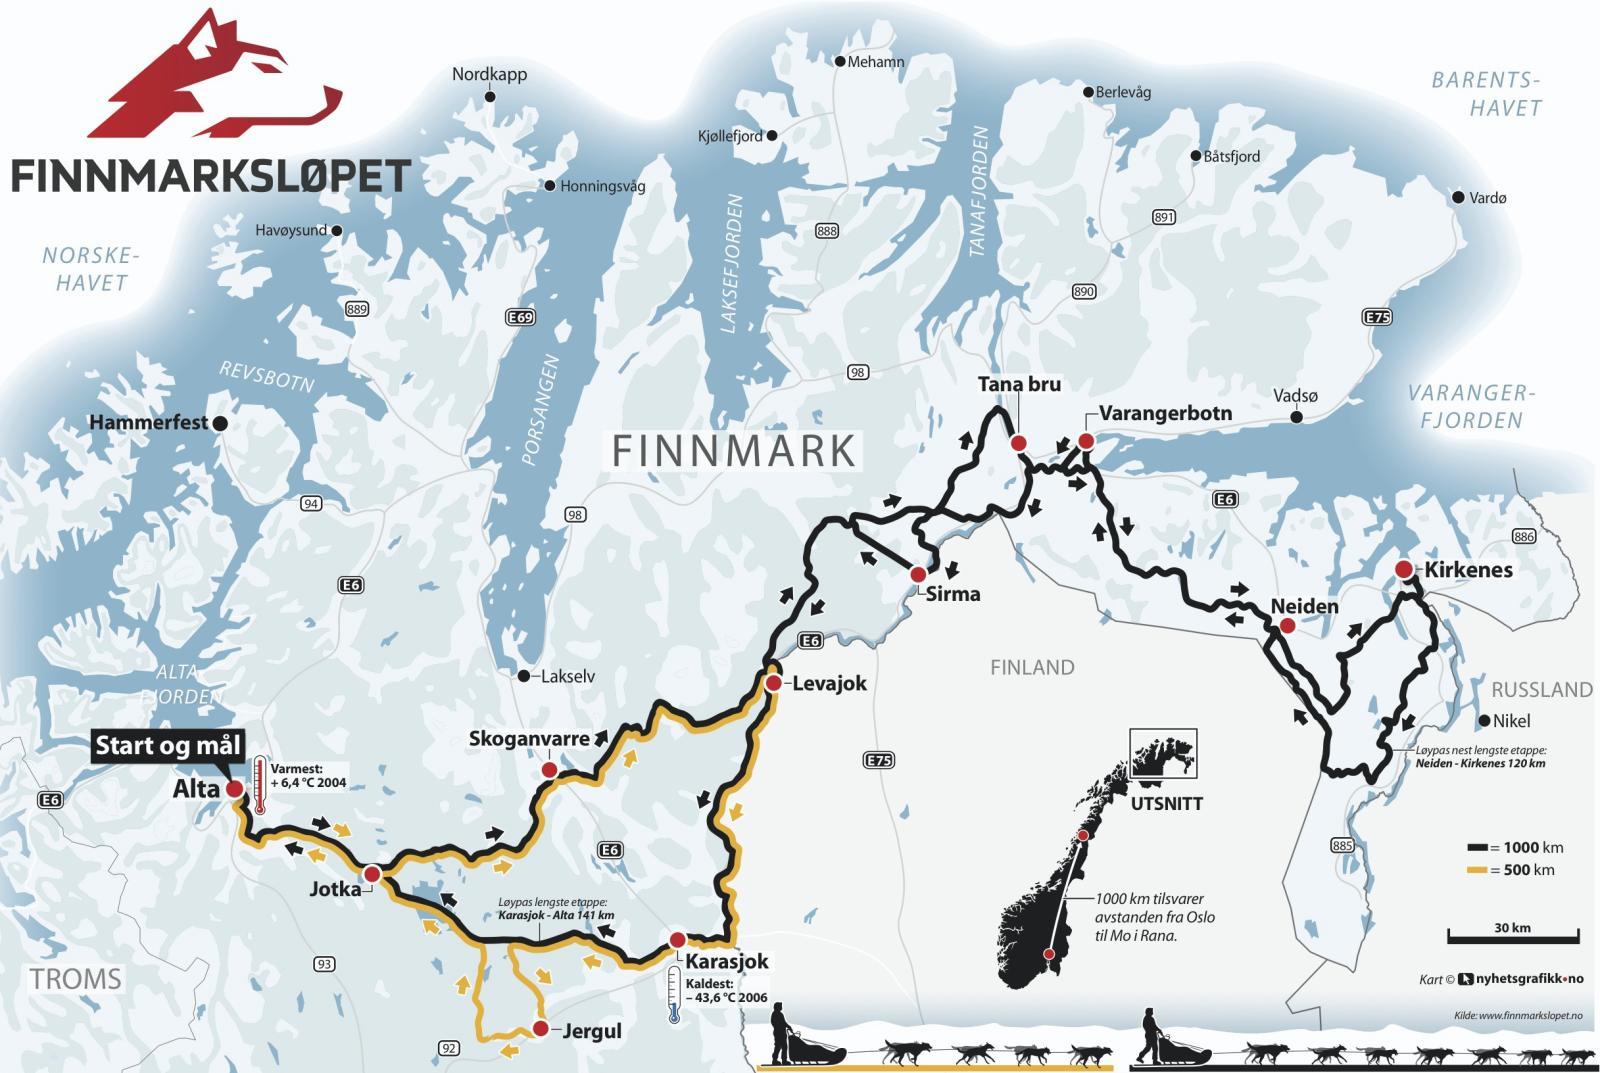 kart over altaelva Finnmarksløpet: Slik er etappen! kart over altaelva